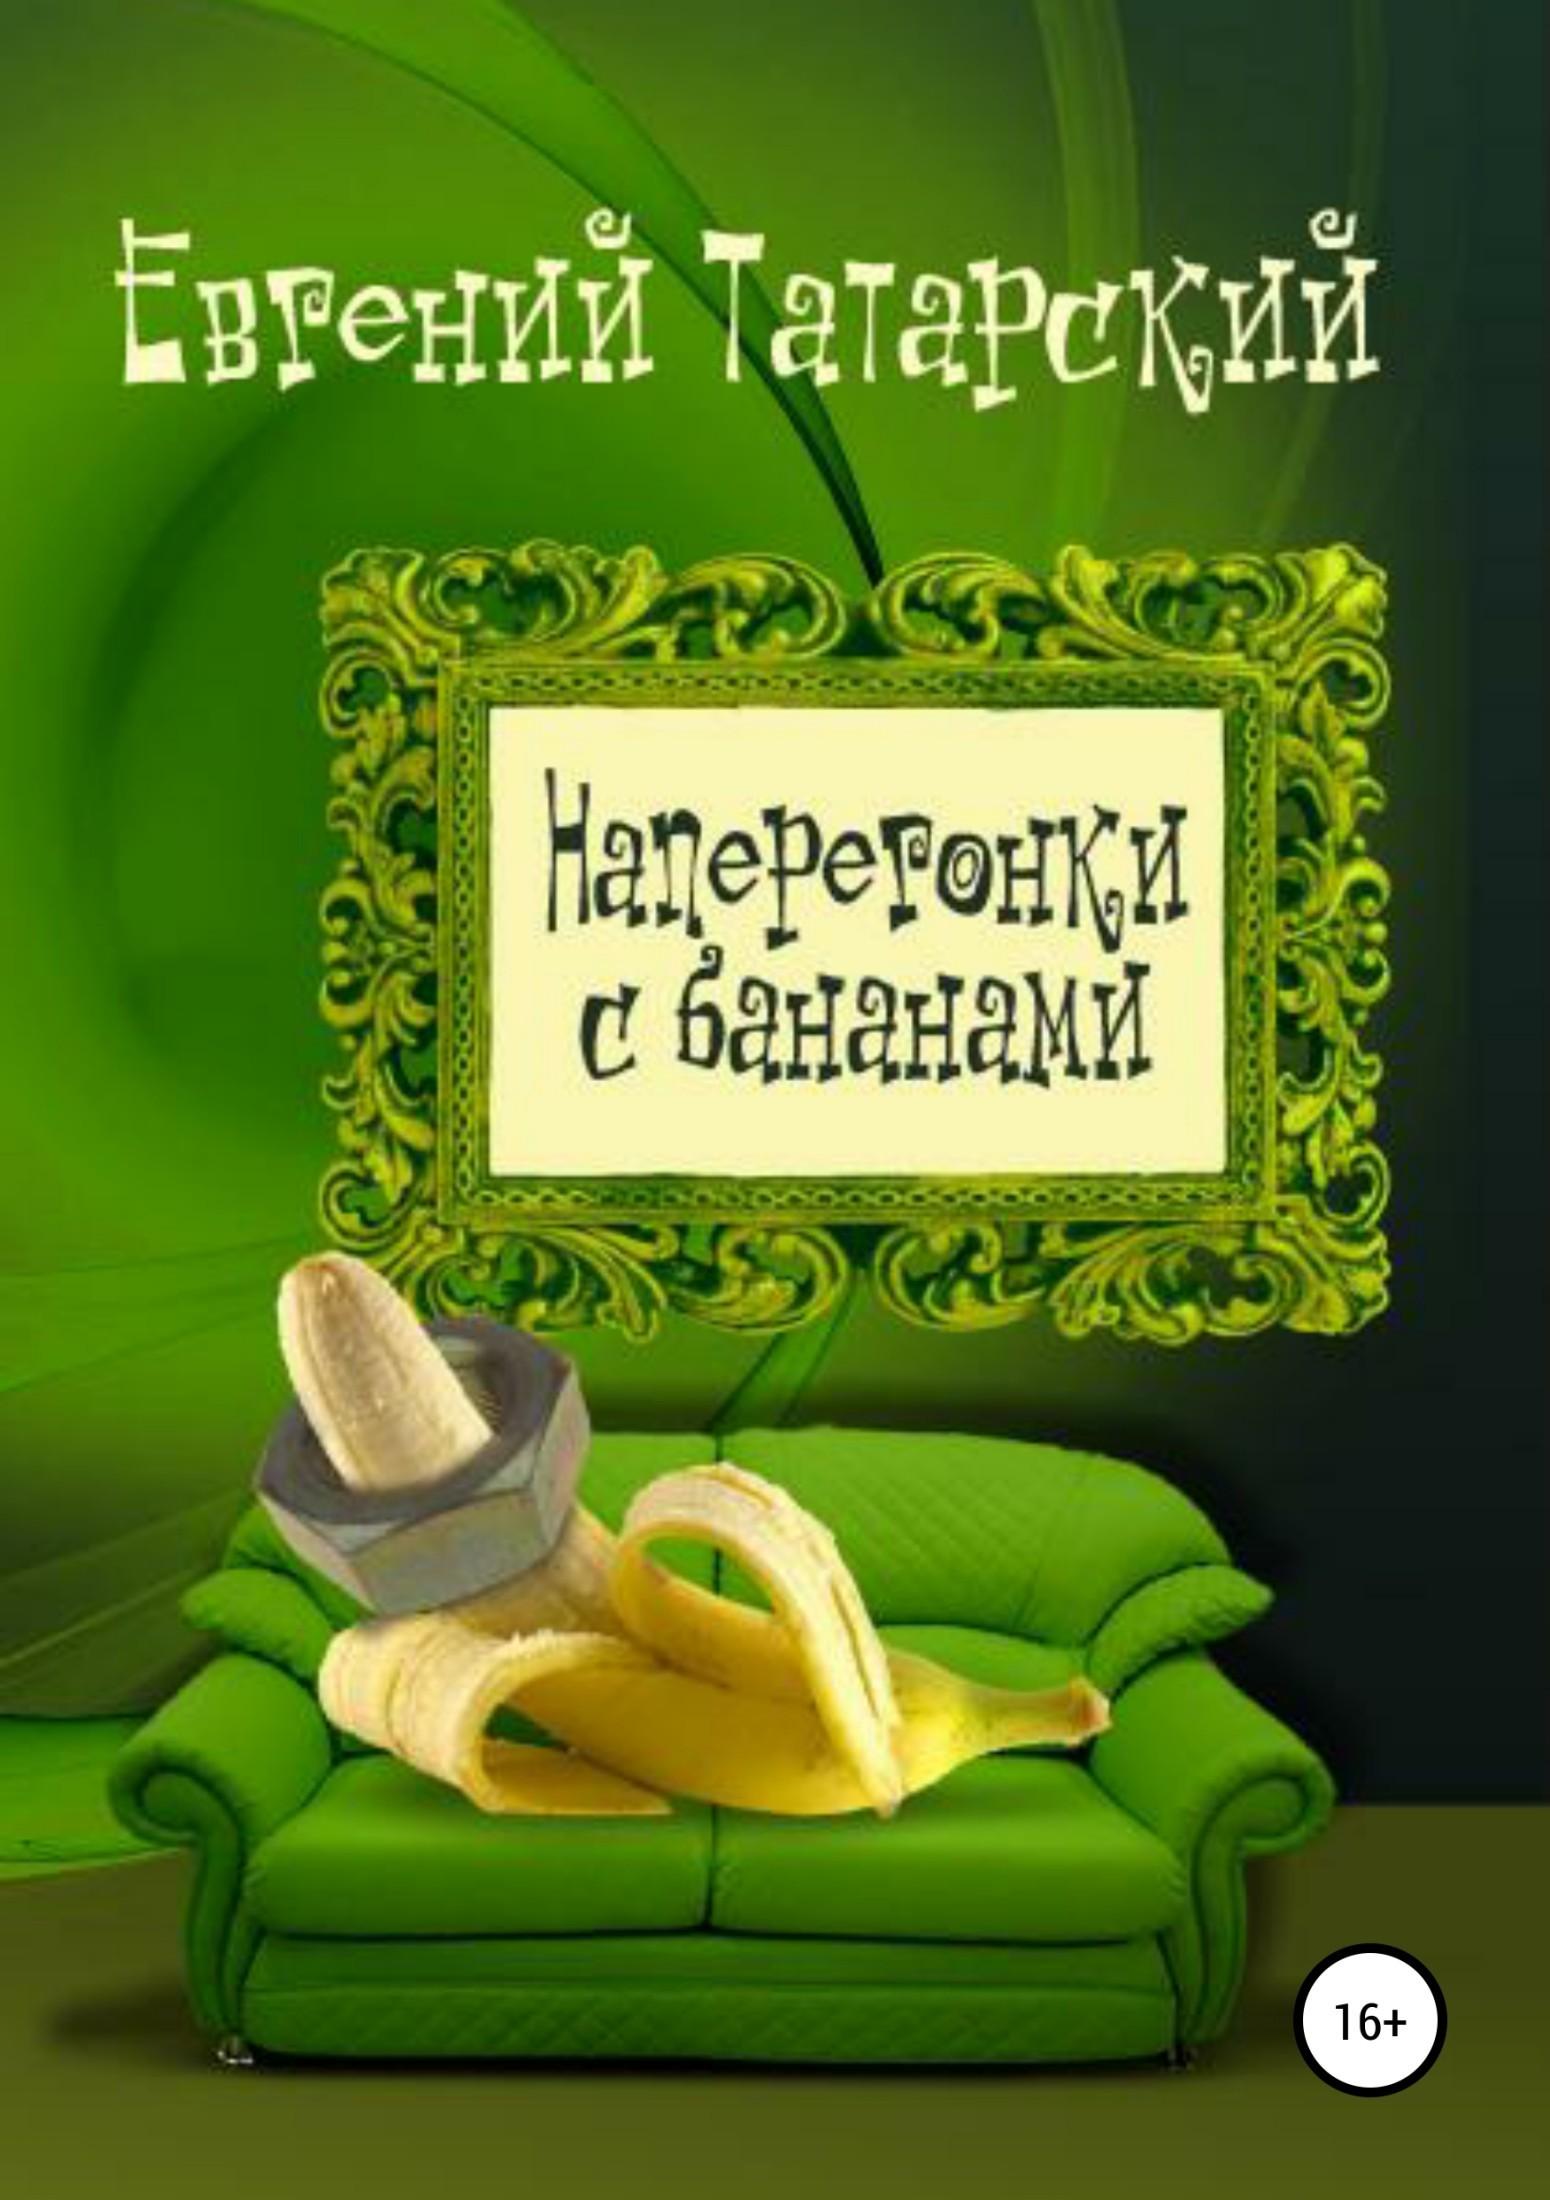 Евгений Николаевич Татарский Наперегонки с бананами. Сборник рассказов